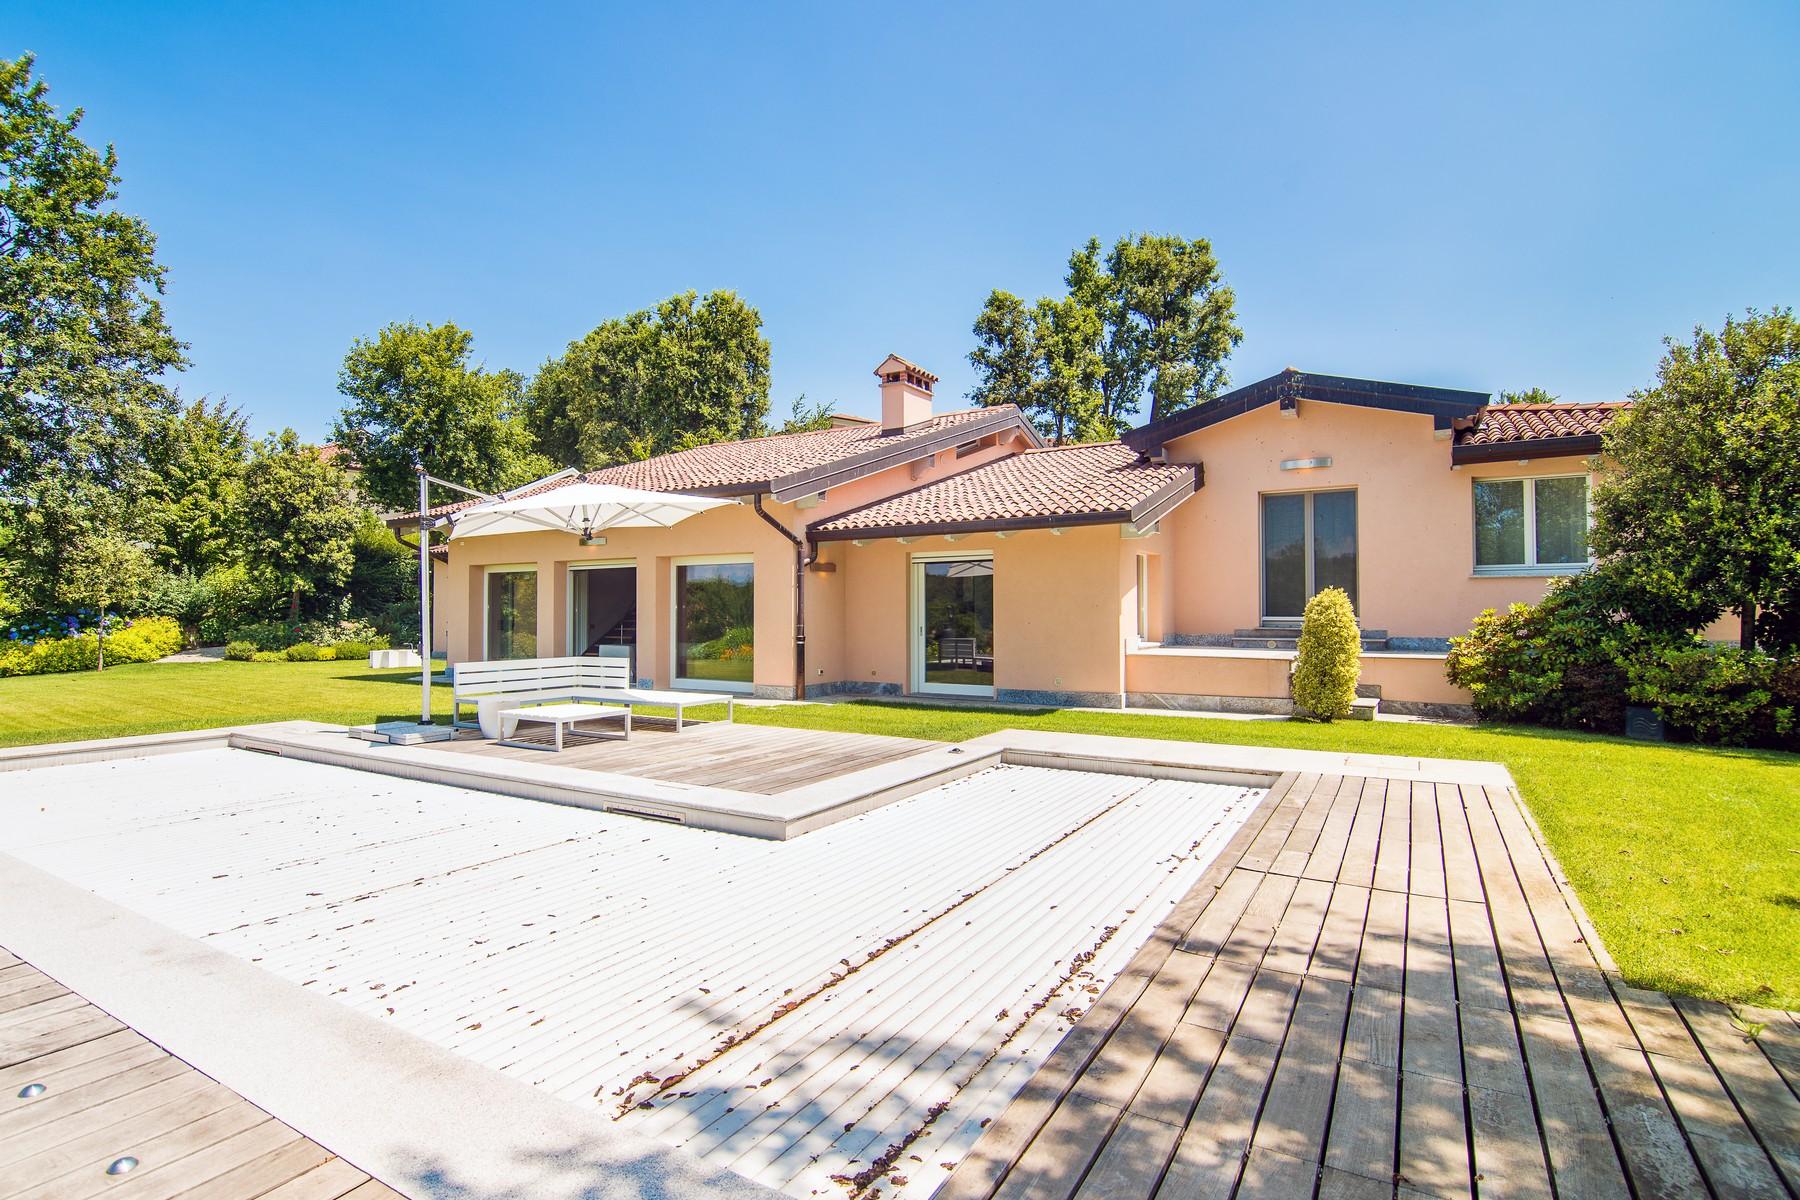 Villa in Vendita a Bogogno: 5 locali, 350 mq - Foto 4